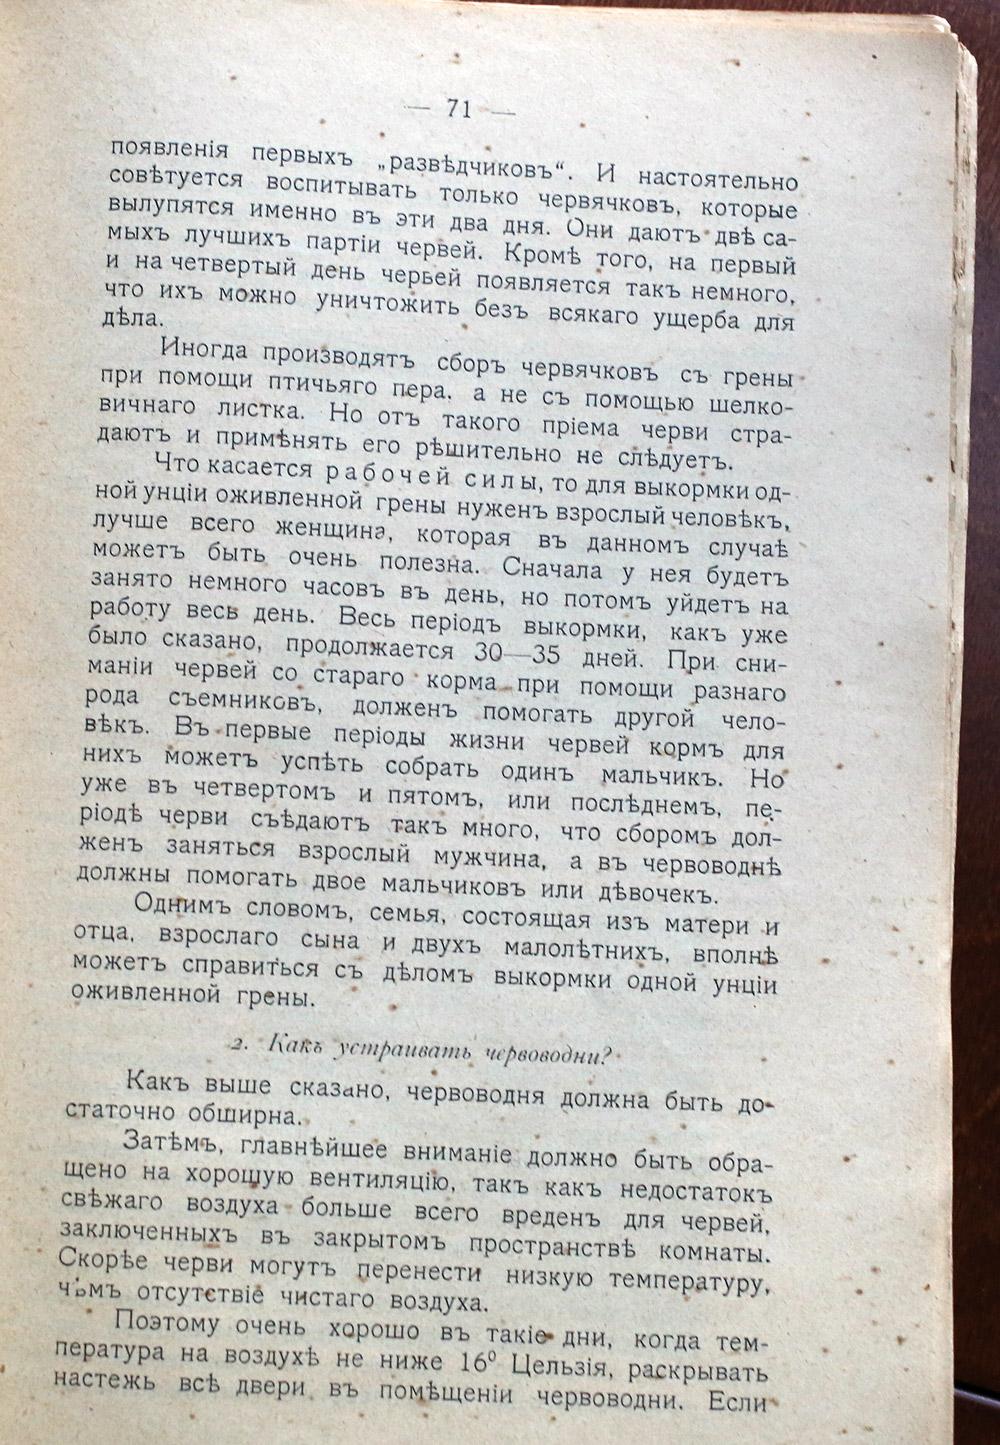 Как воспитать здорового довольного червя: разбираем инструкцию 1910 года - 18